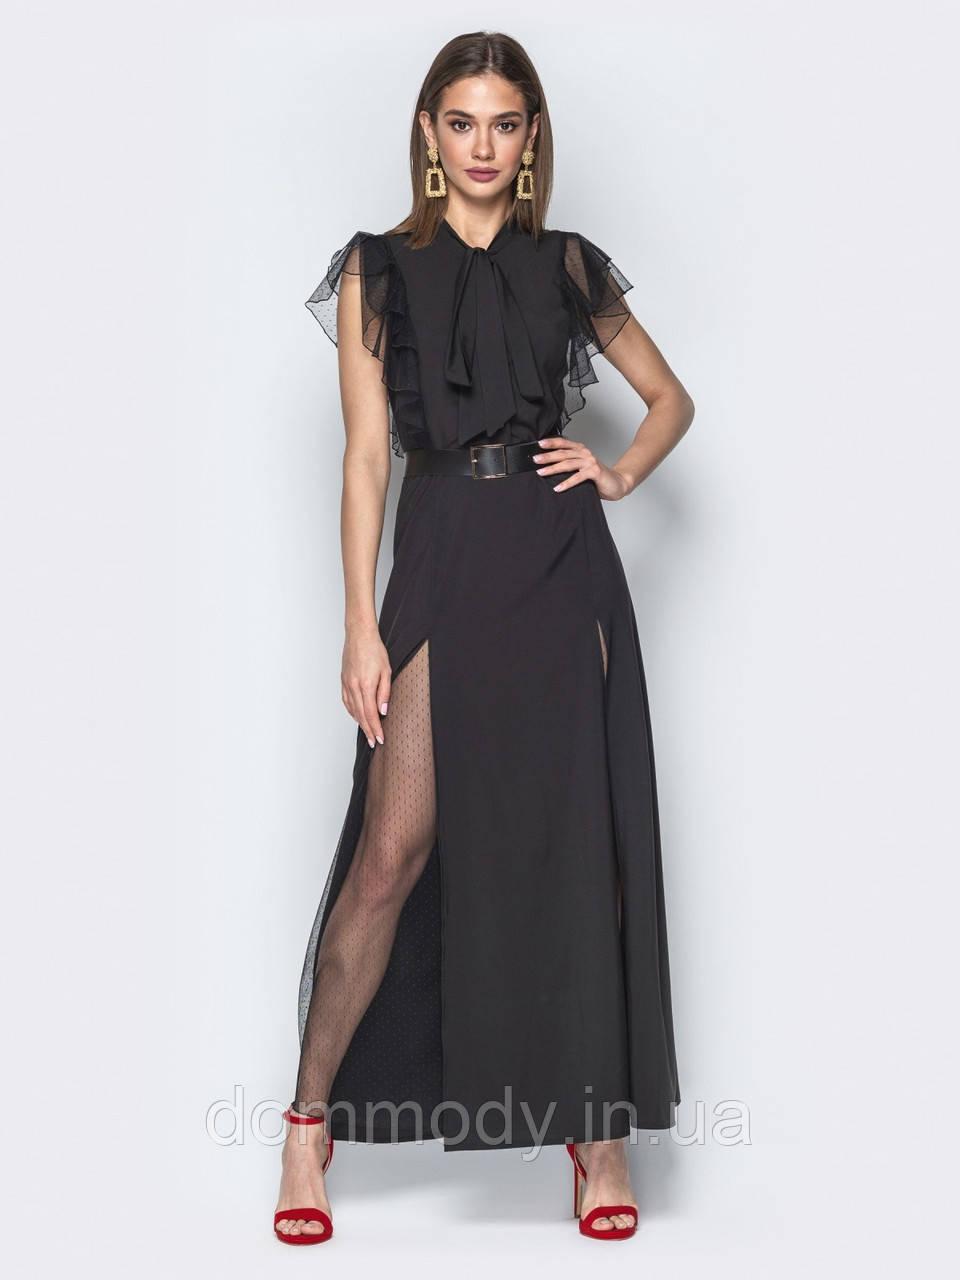 Экстравагантное женское платье с воротником «аскот»